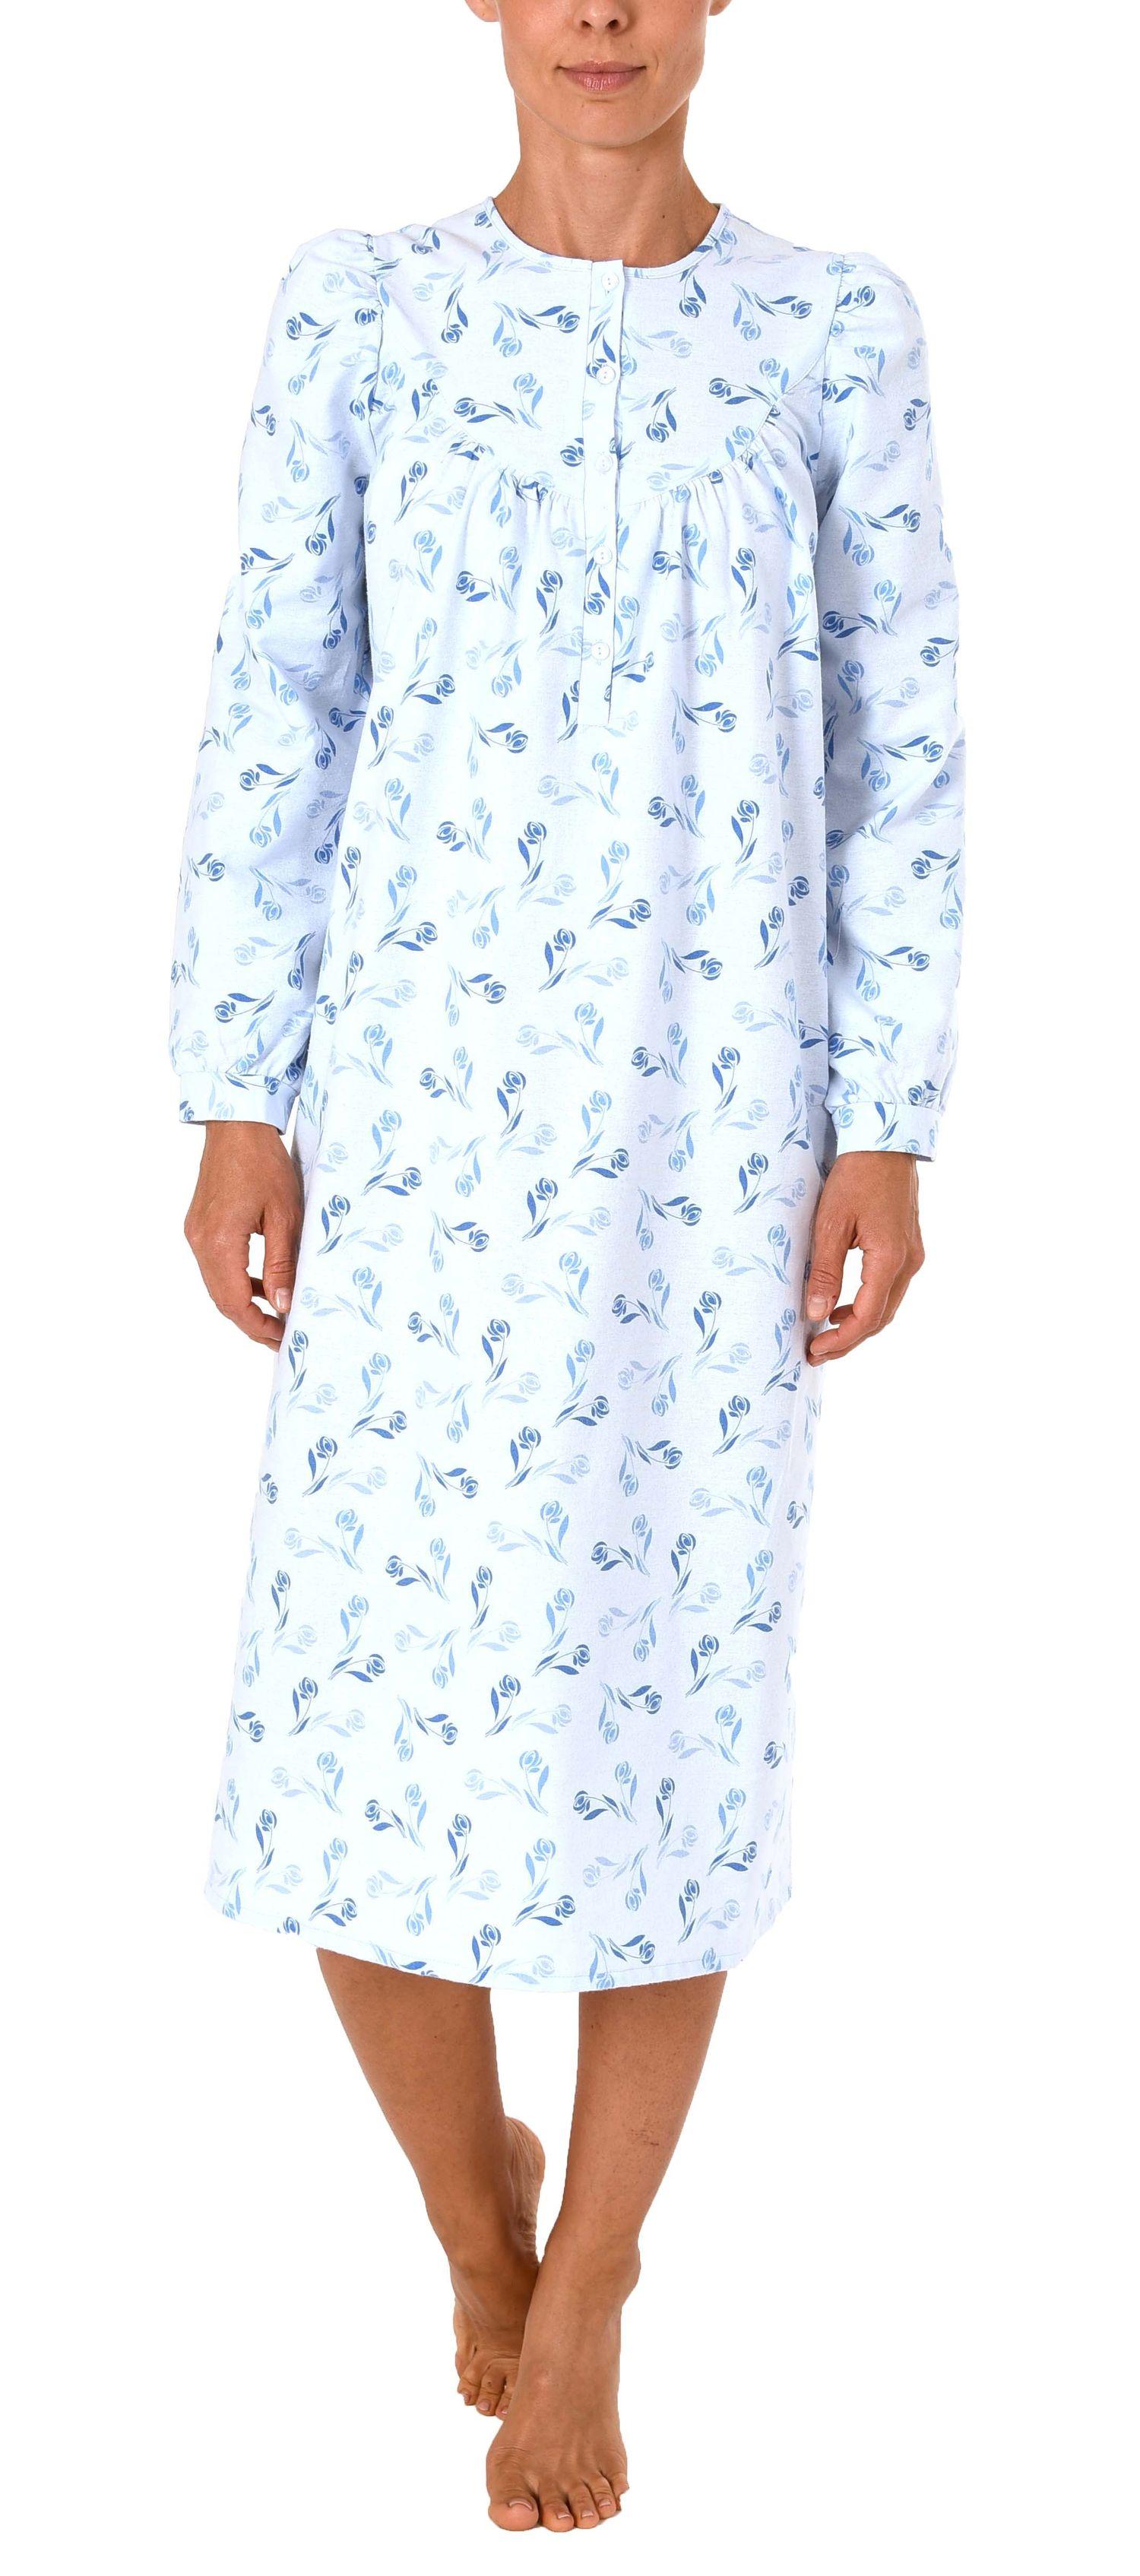 Damen Finette Nachthemd fraulich mit Knopfleiste am Hals – auch in Übergrössen – 61885